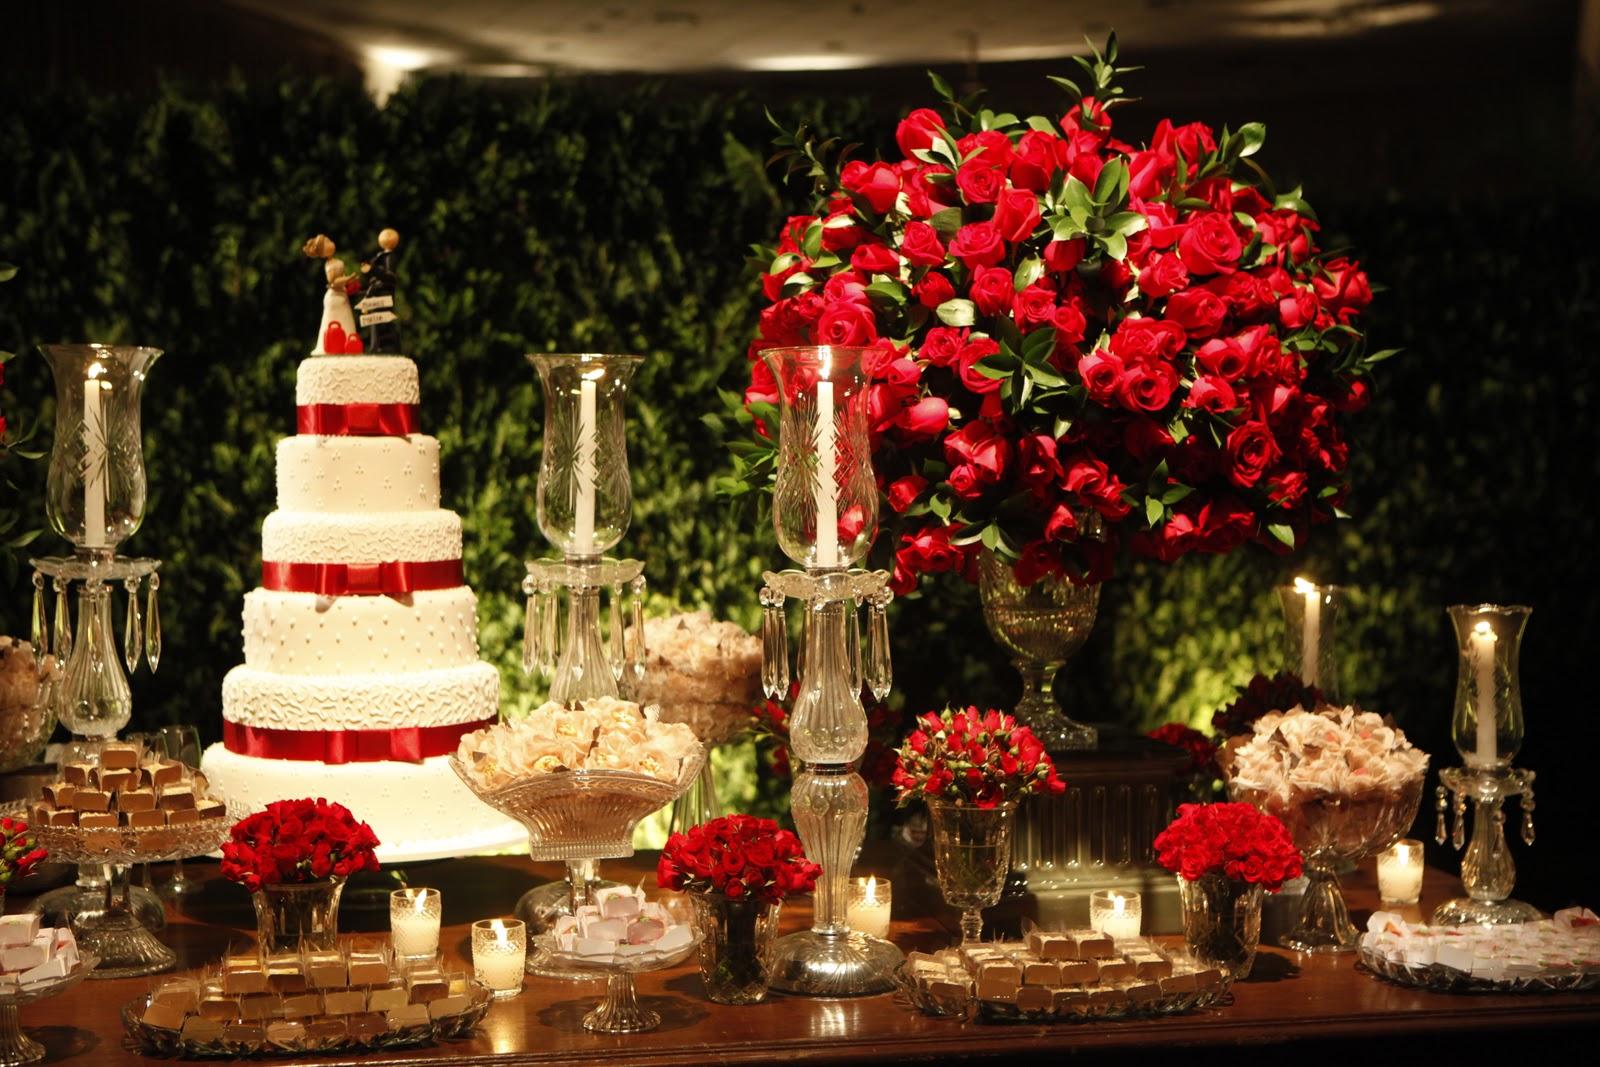 decoração de casamento na cor vermelha também pode incluir o